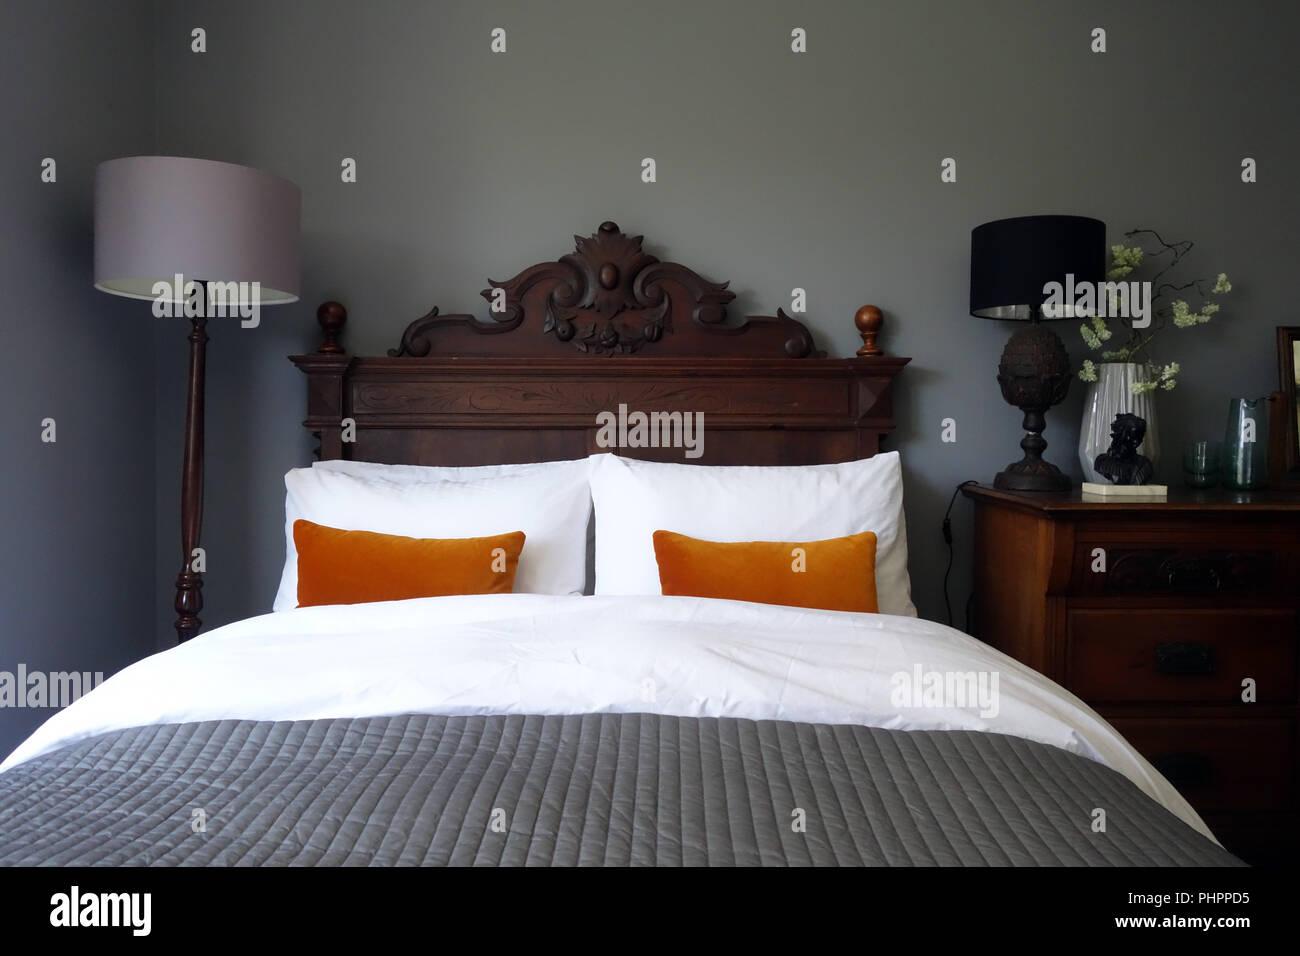 Camere Da Letto Stile Francese : Camera da letto in stile contemporaneo con arredi in rovere